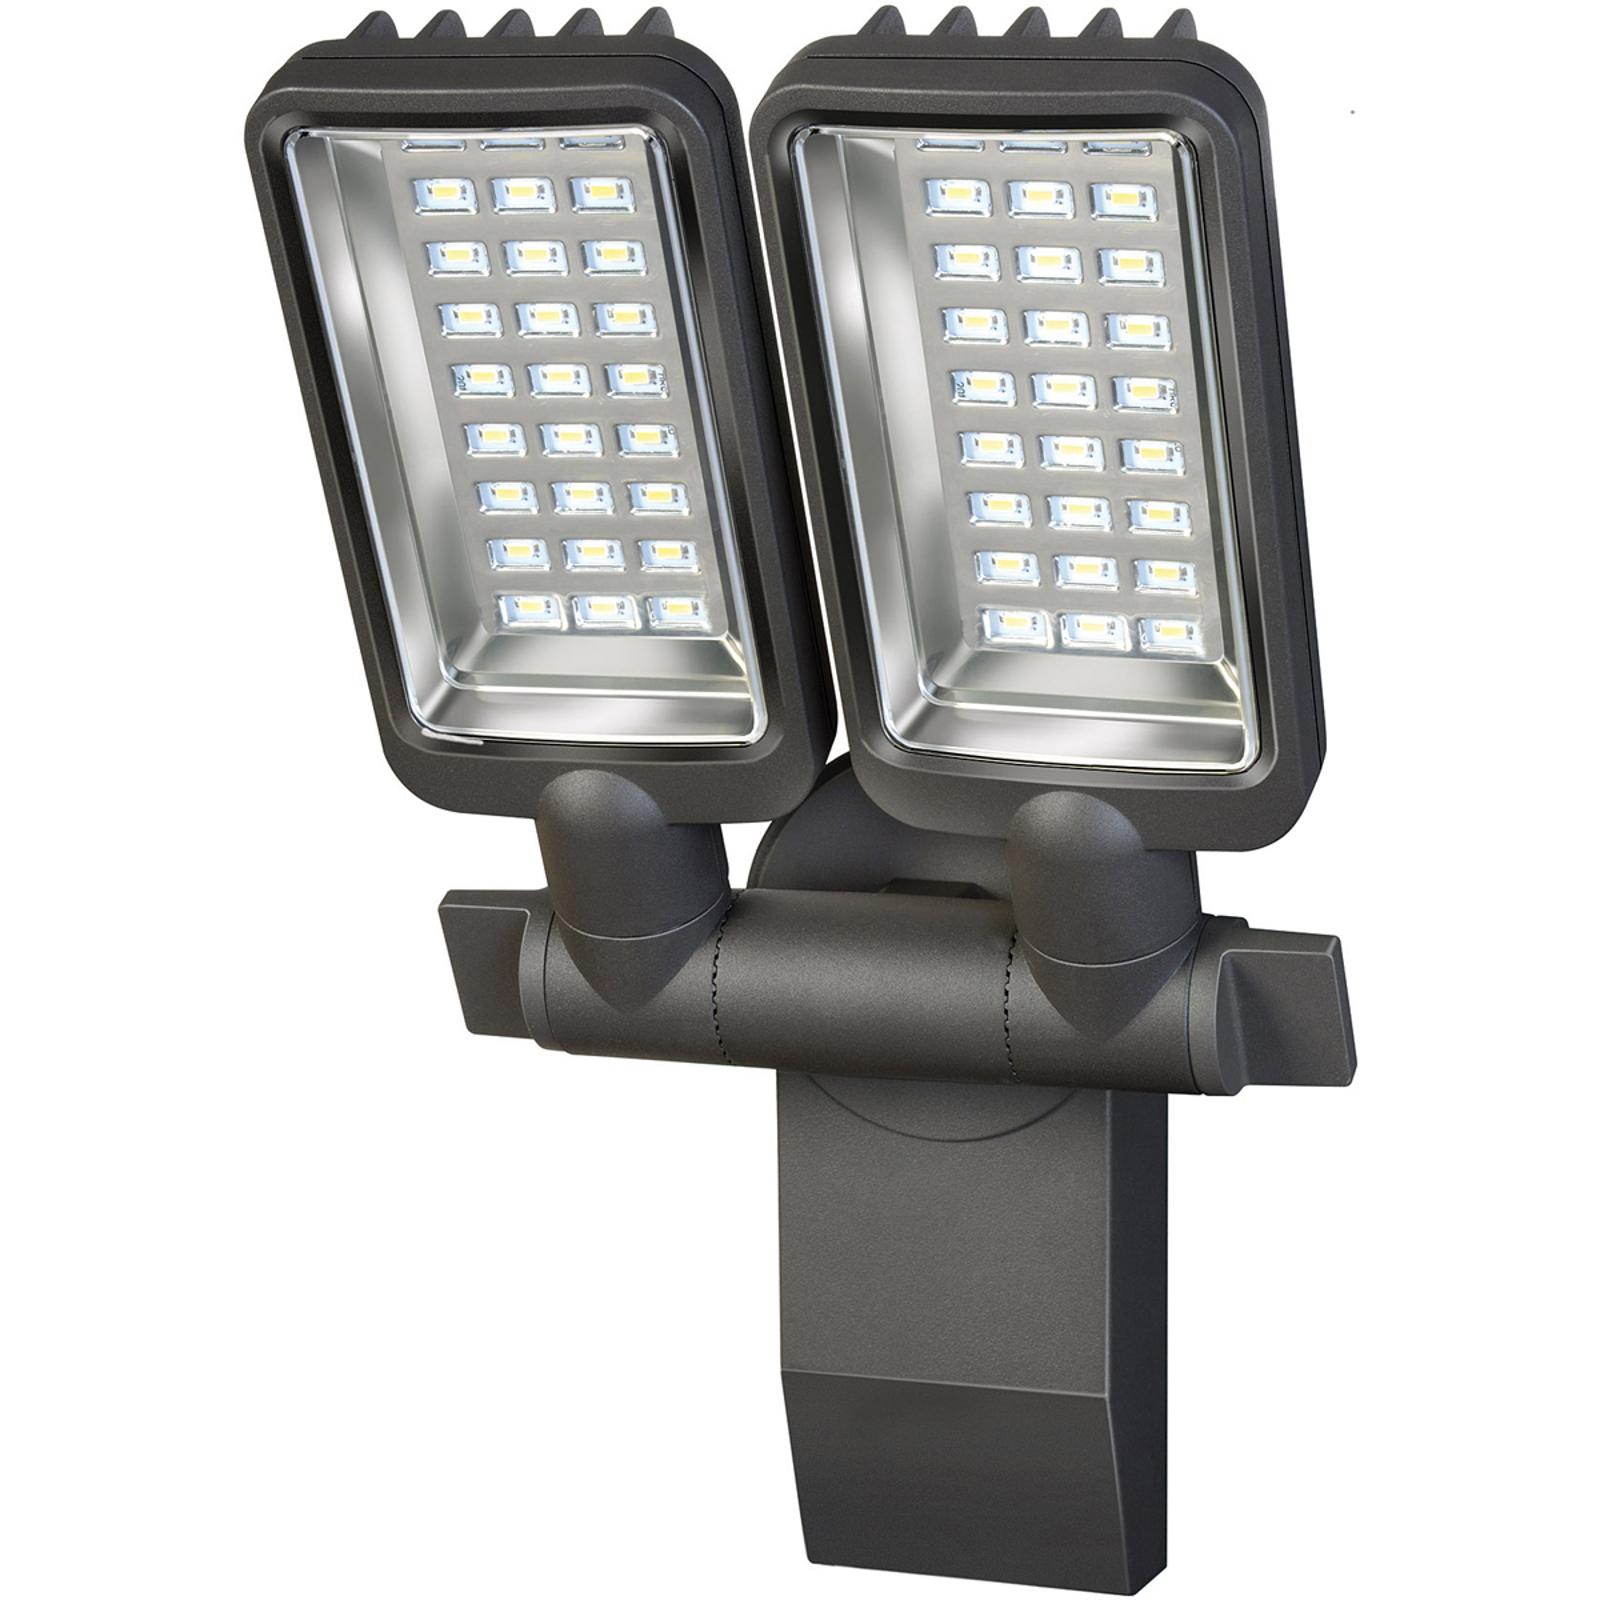 Brennenstuhl City LED buitenspot 2-lamps.